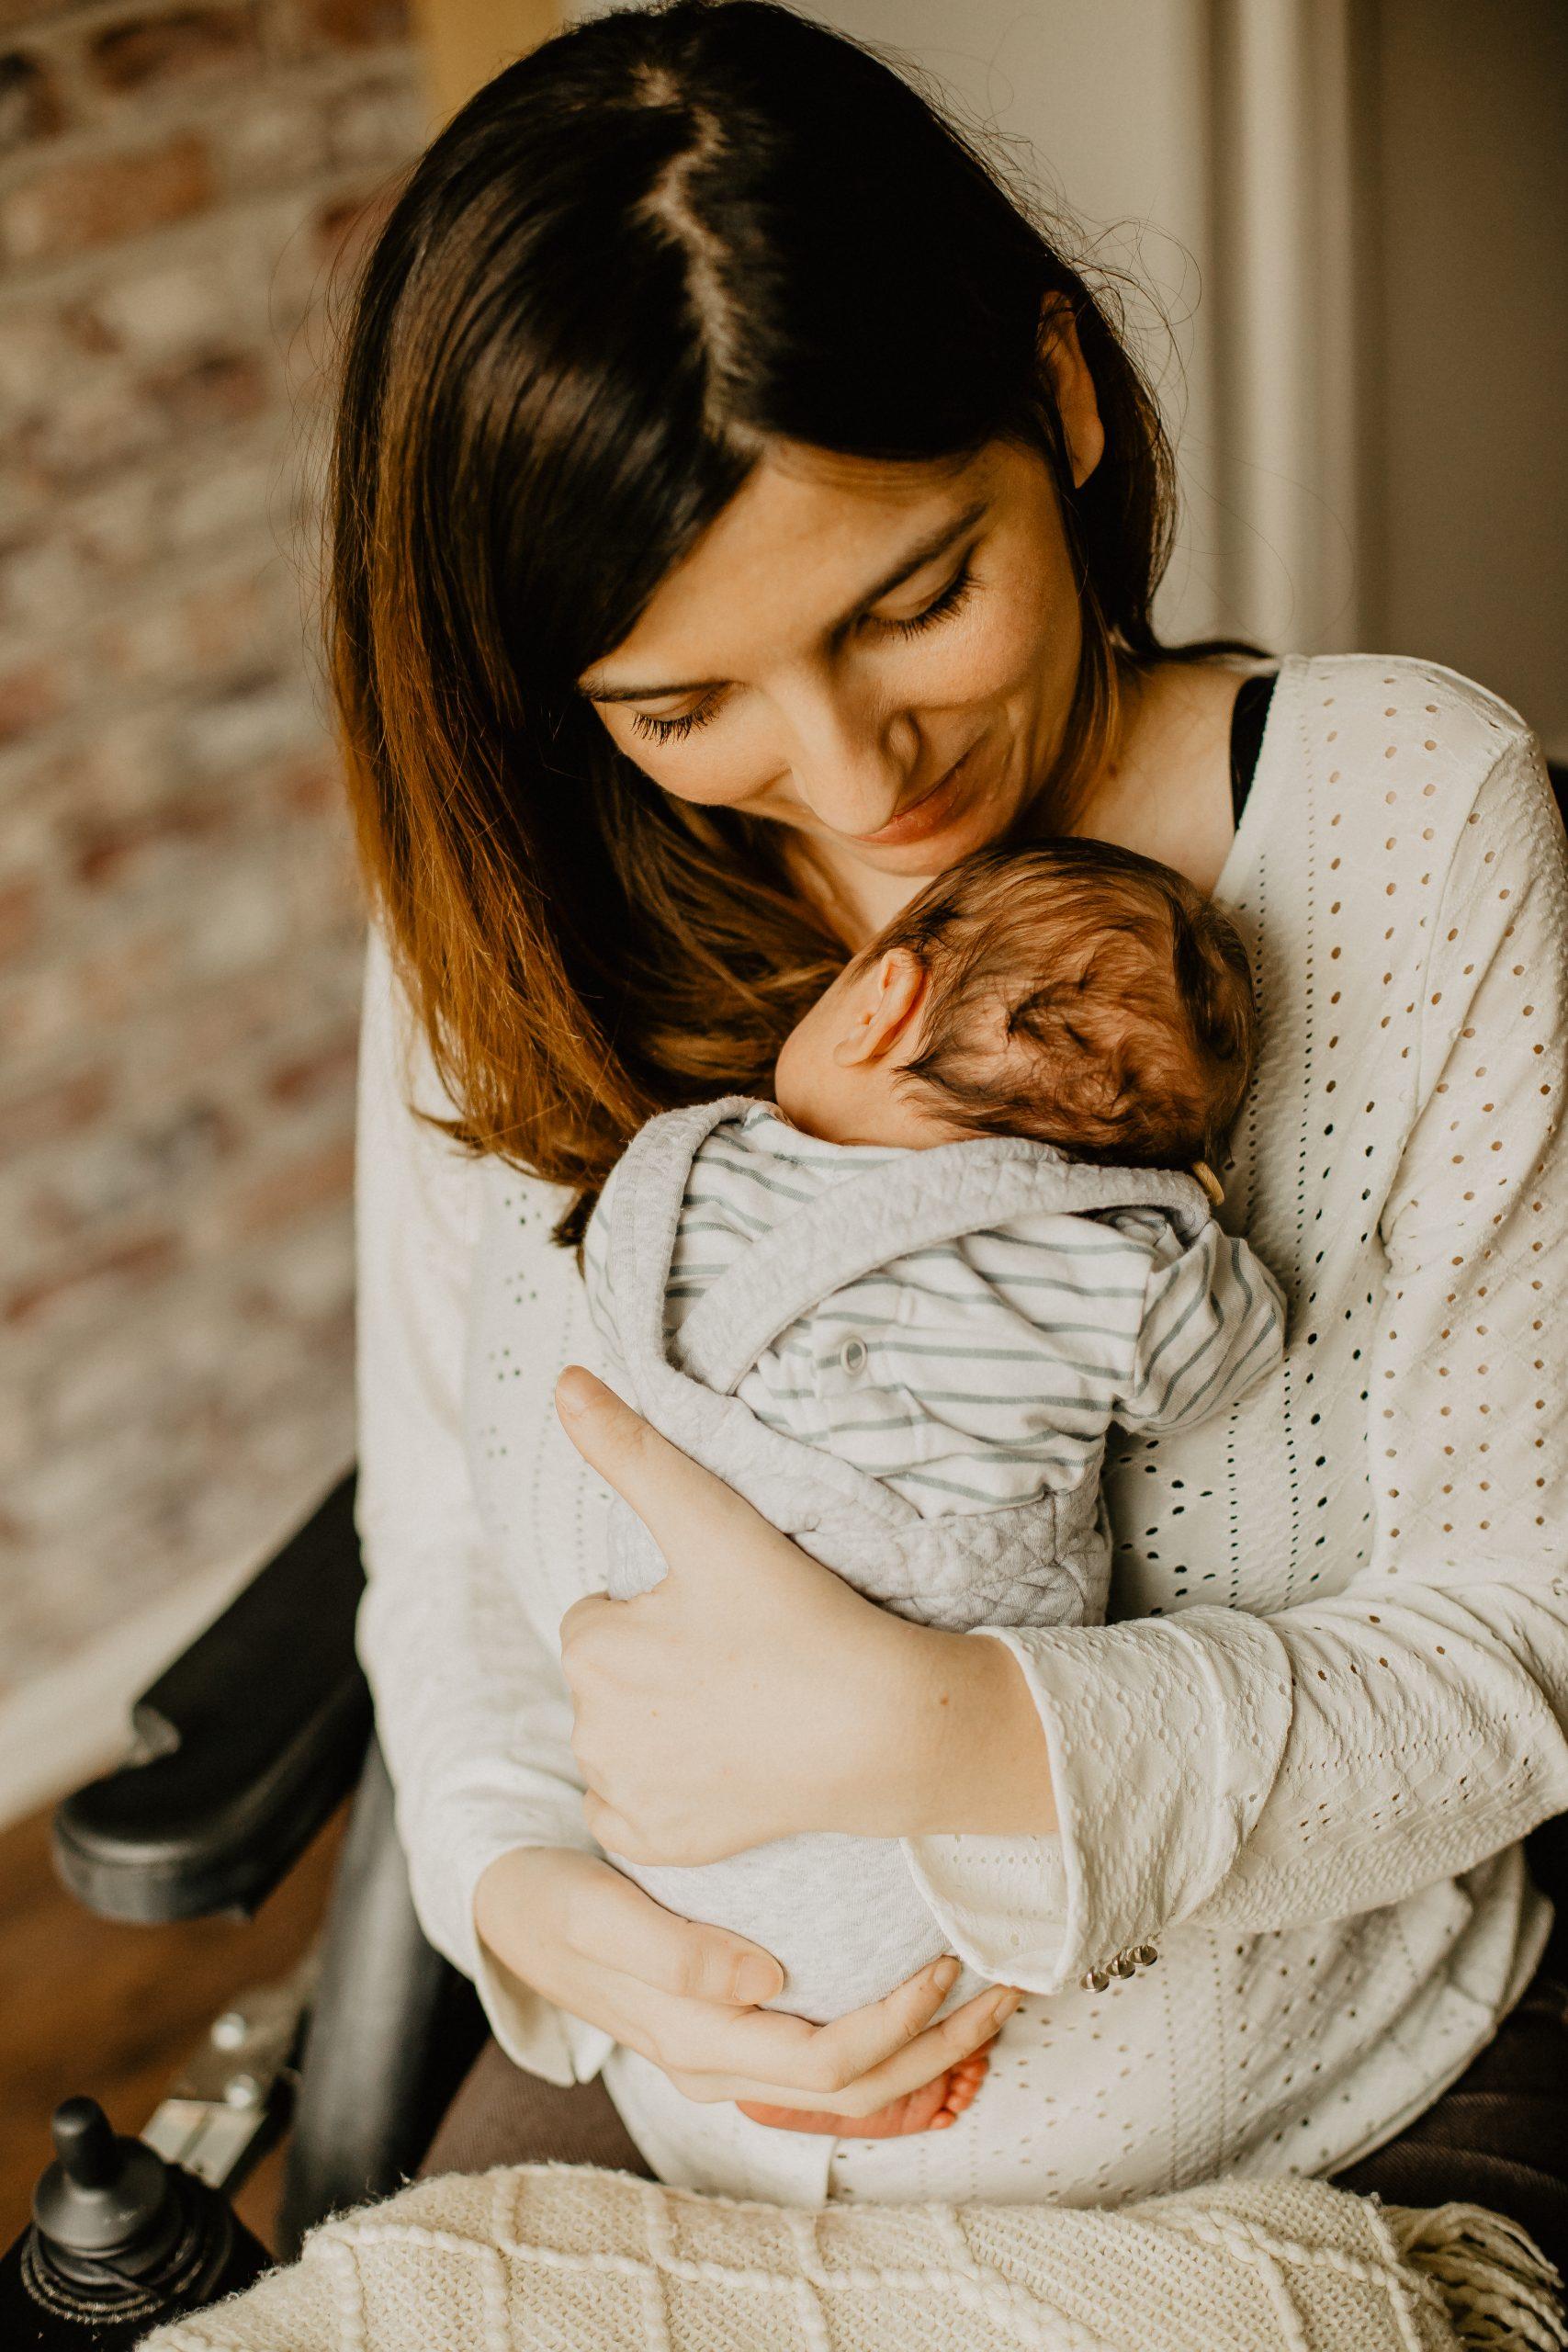 Virginie M. Photos-séance à domicile-bébé-naissance-lifestyle-amour-famille-photographe Lille-Nord-Lille-photos-nouveau né (16)